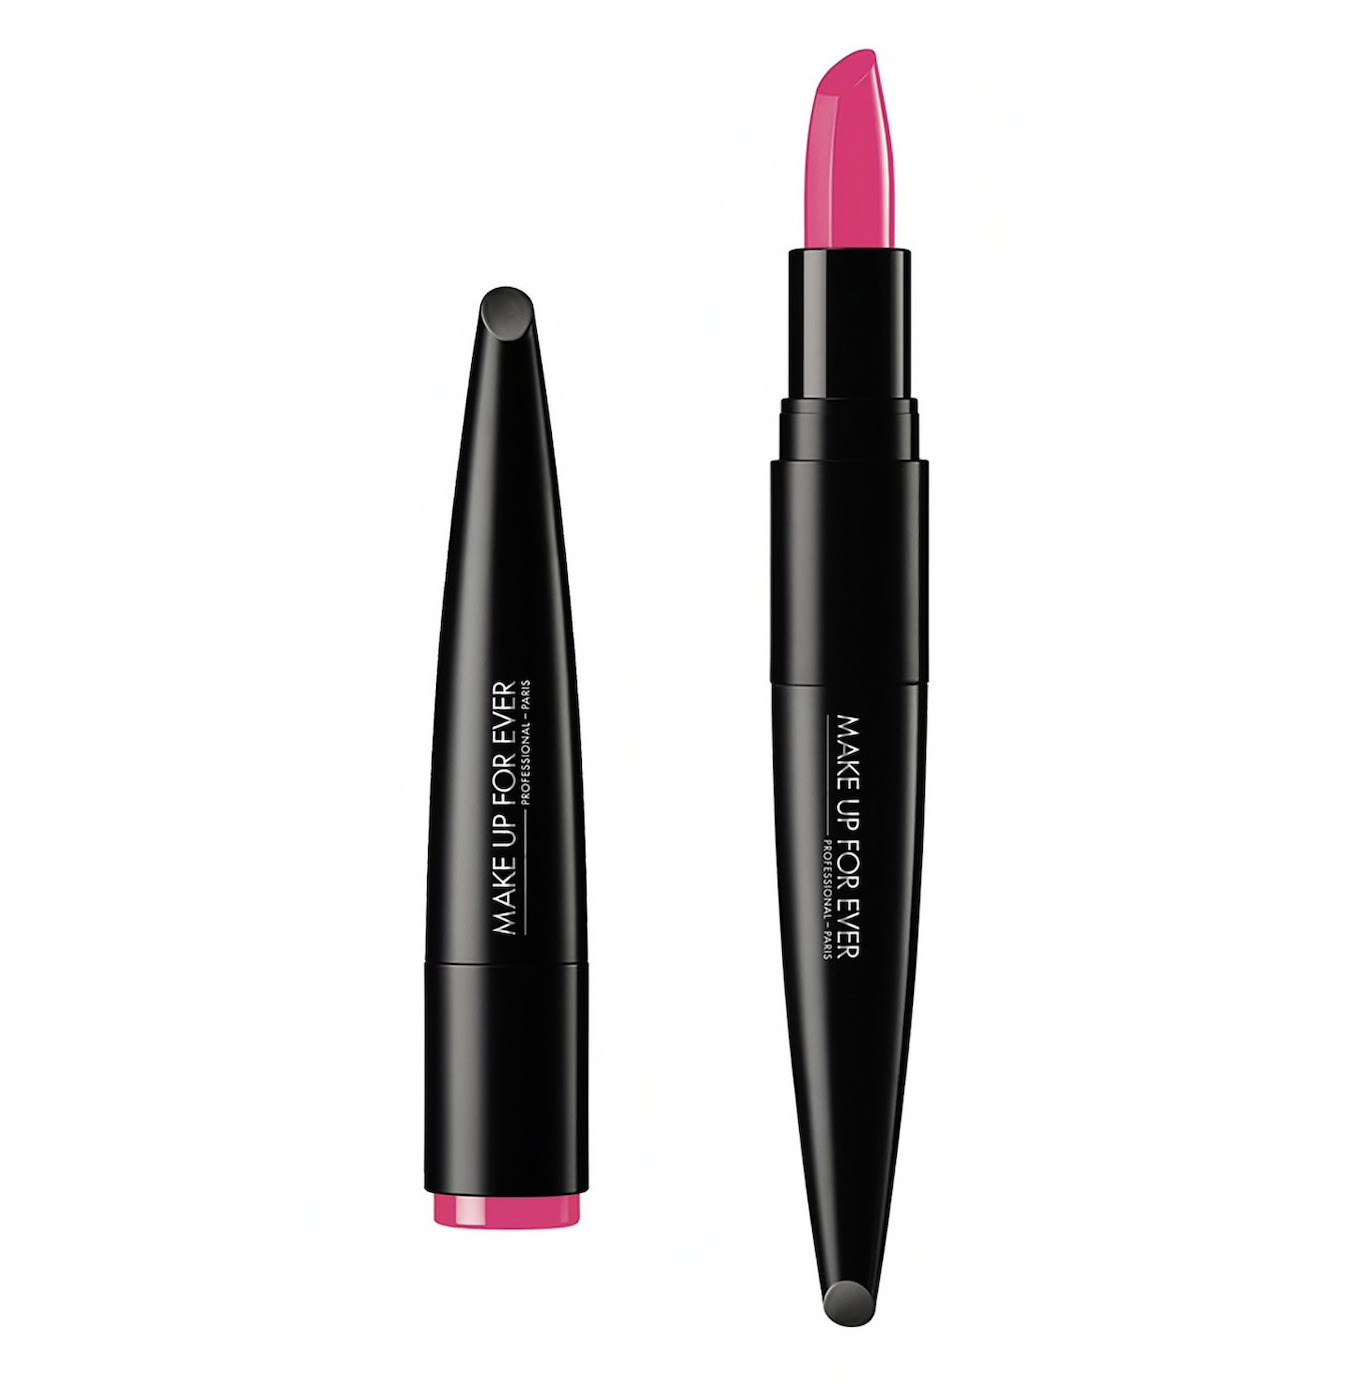 Cet automne/hiver, c'est l'overdose de pigments et de gloss avec la tendance bold lips